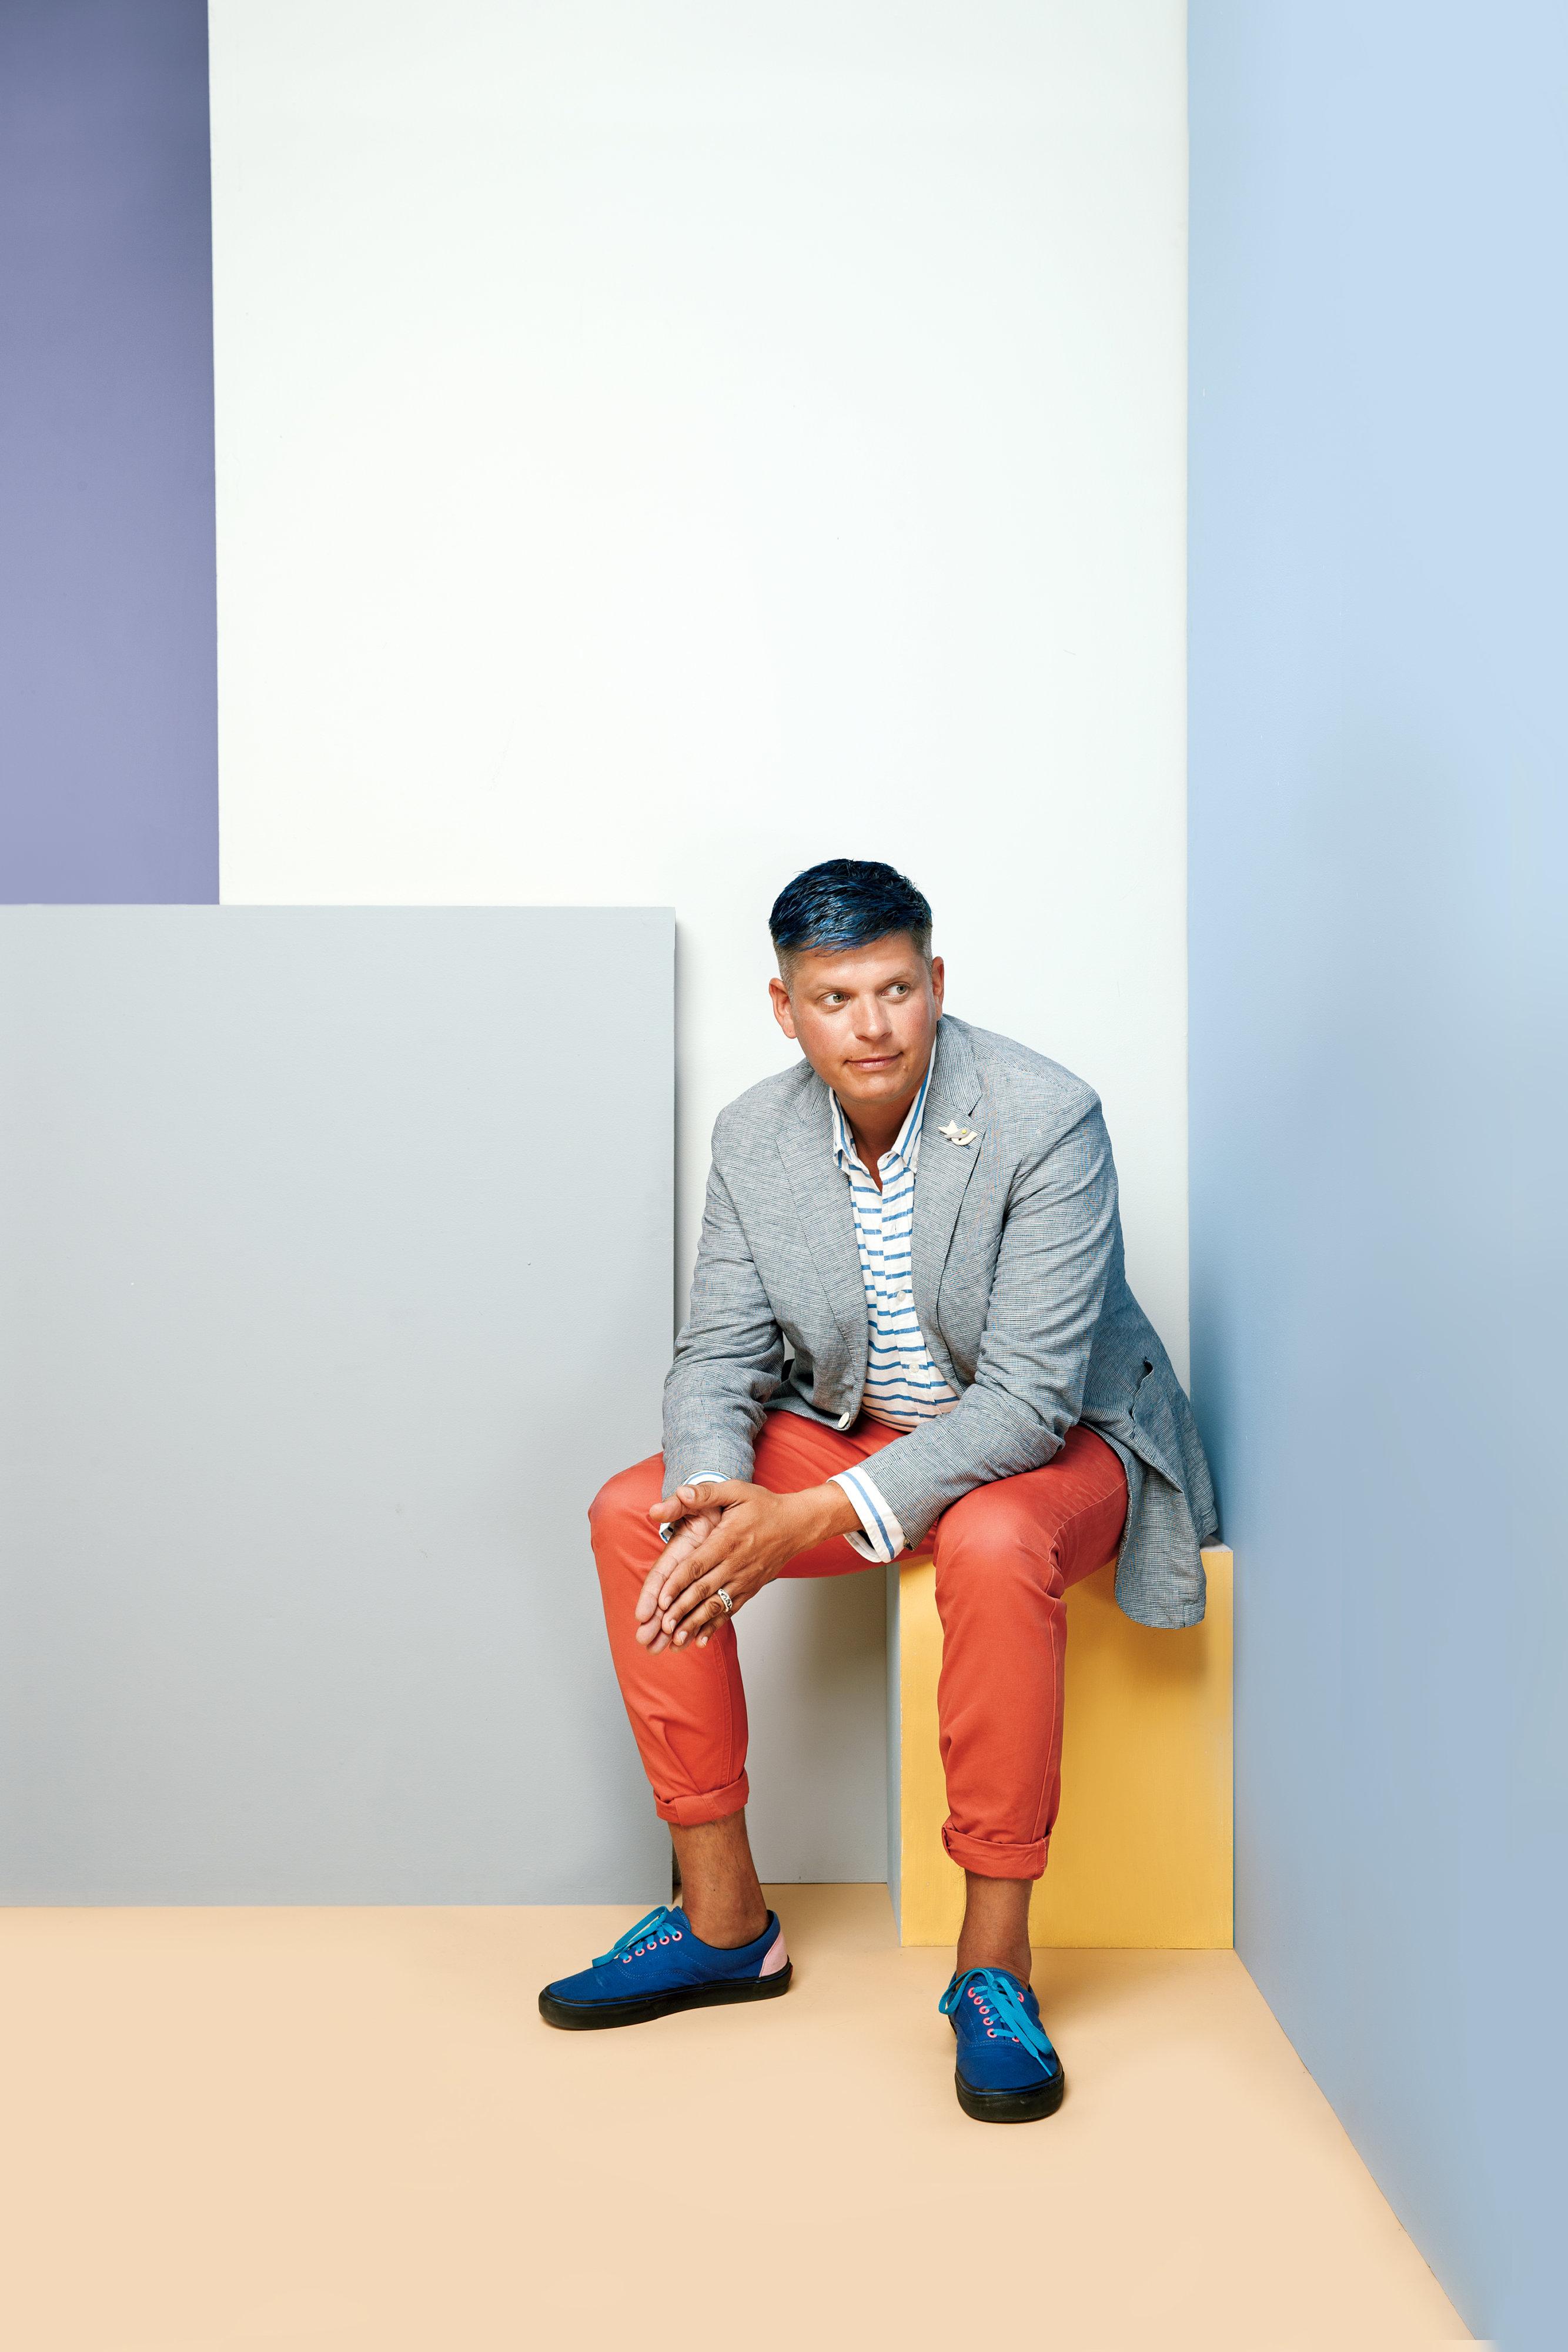 Sebastian Zutant. Photograph by Dean Alexander.